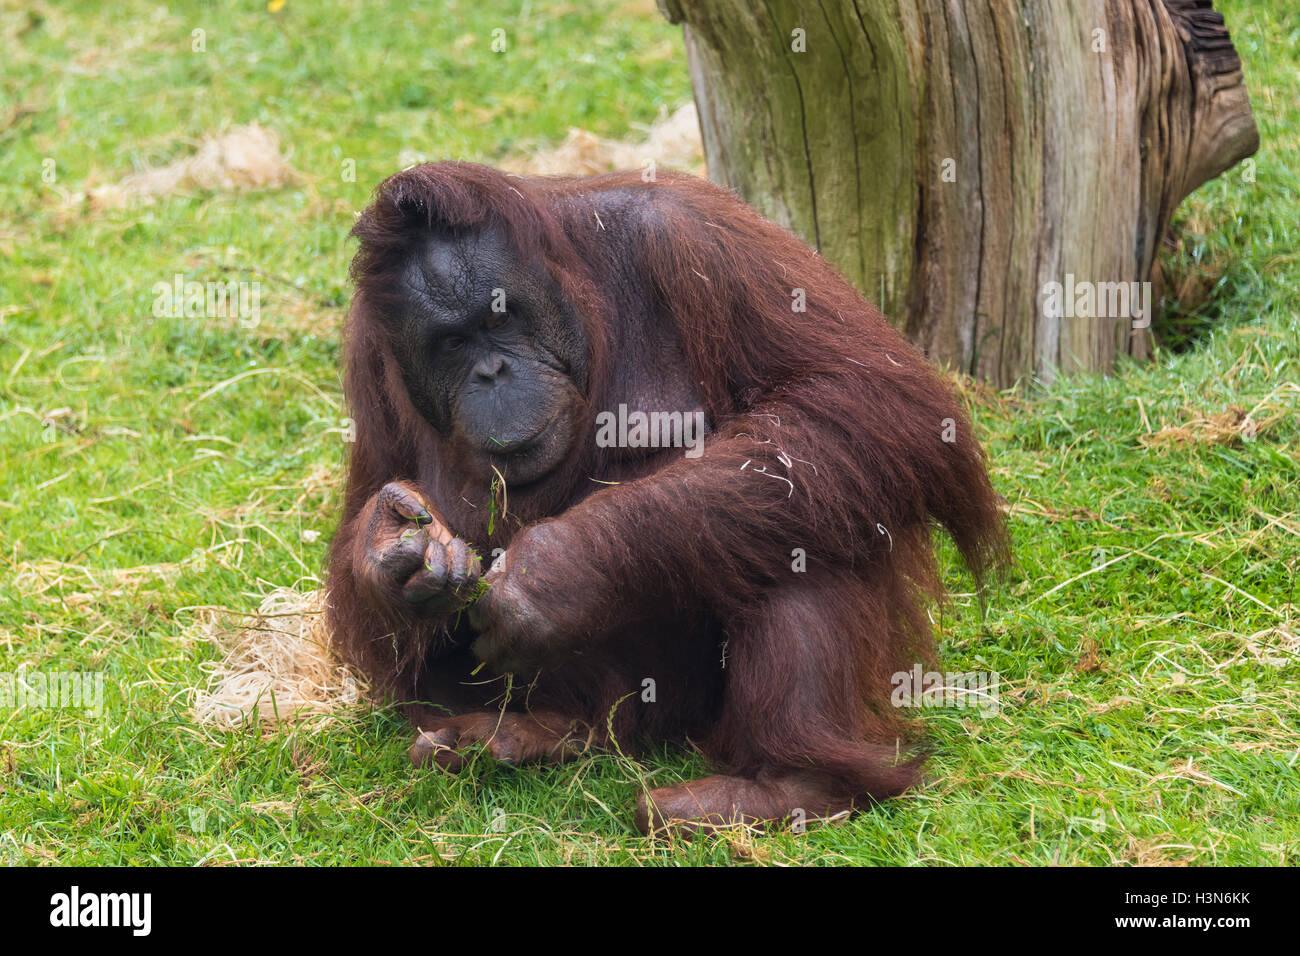 Adult female Bornean orang utan - Stock Image